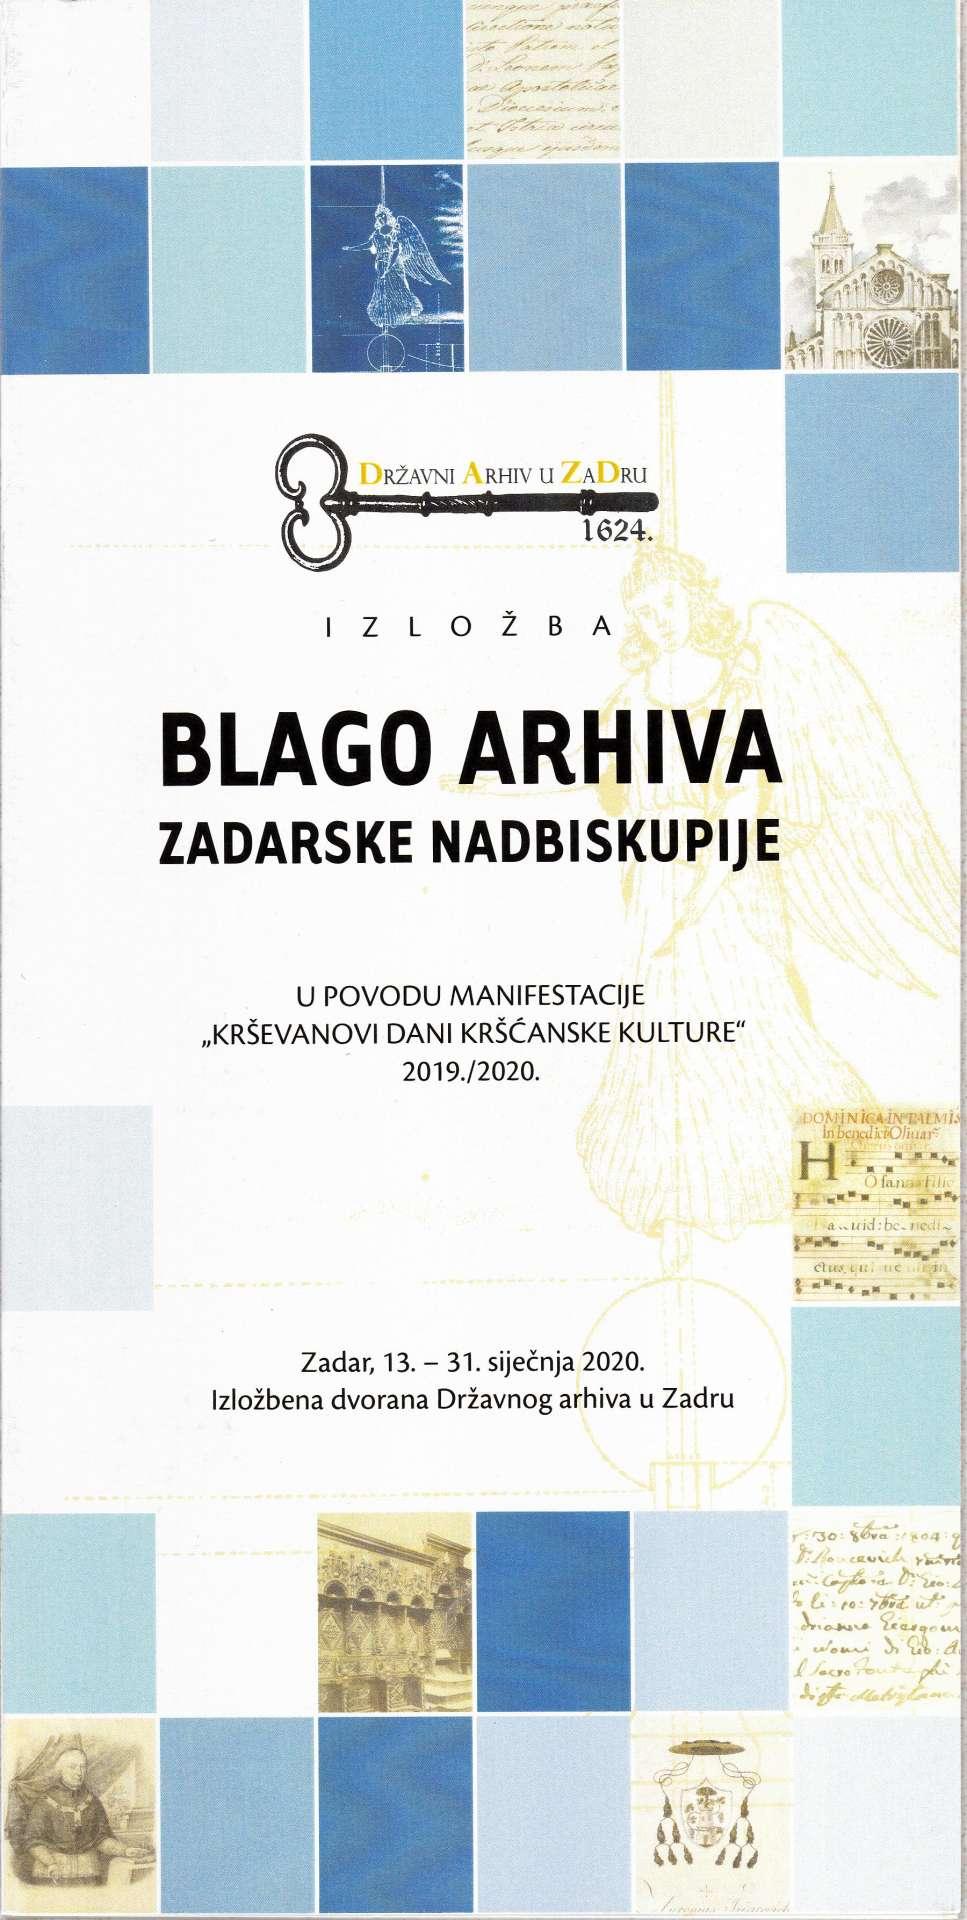 Blago arhiva Zadarske nadbiskupije